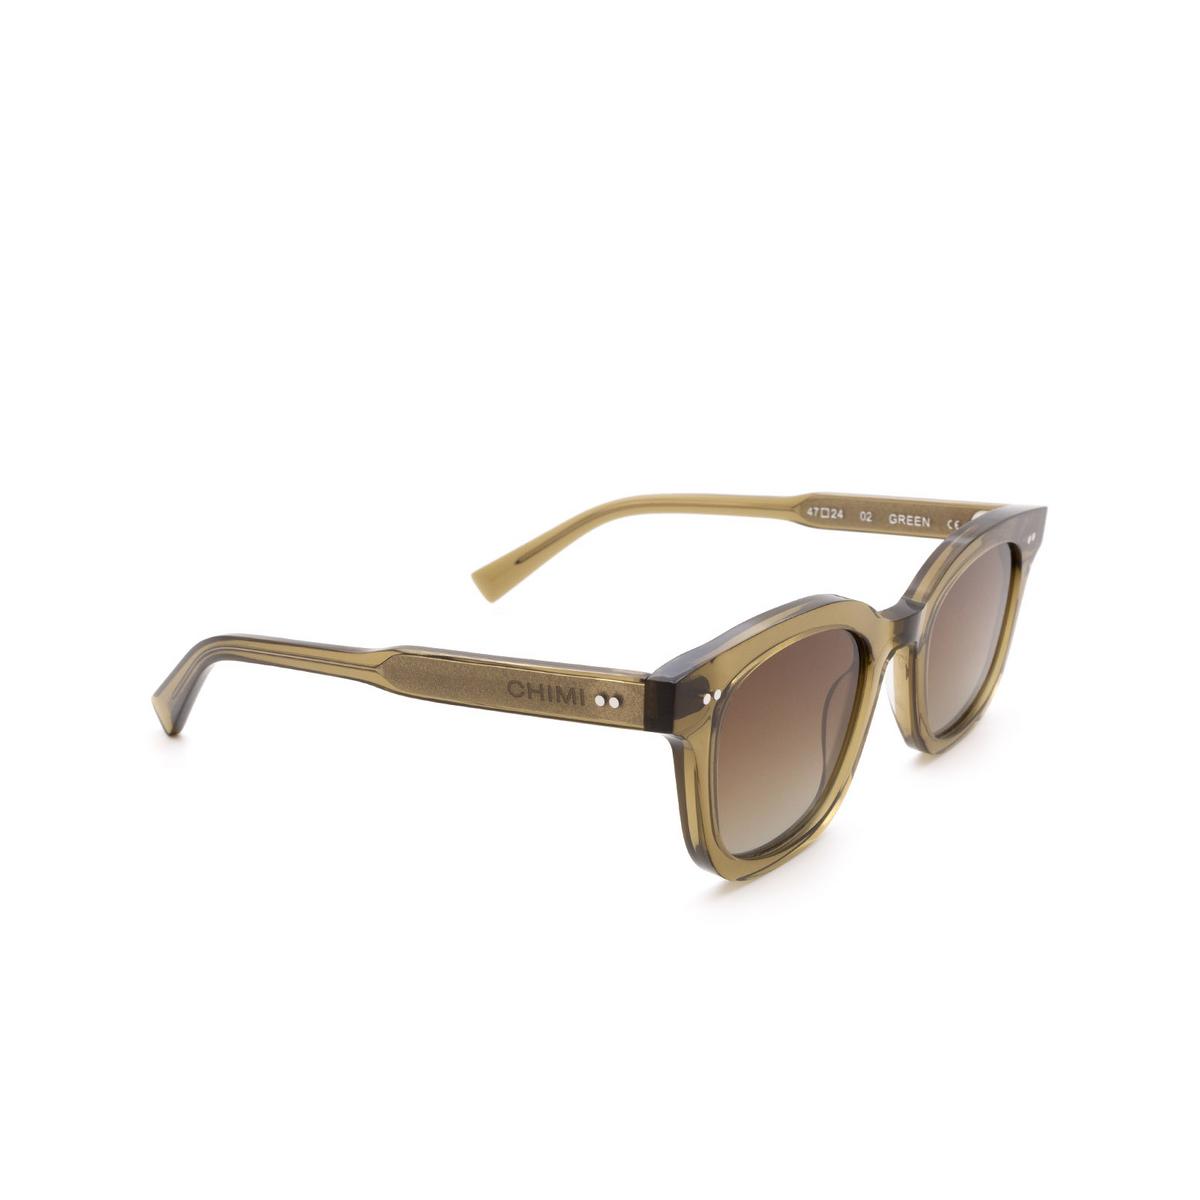 Chimi® Square Sunglasses: 02 color Green - three-quarters view.